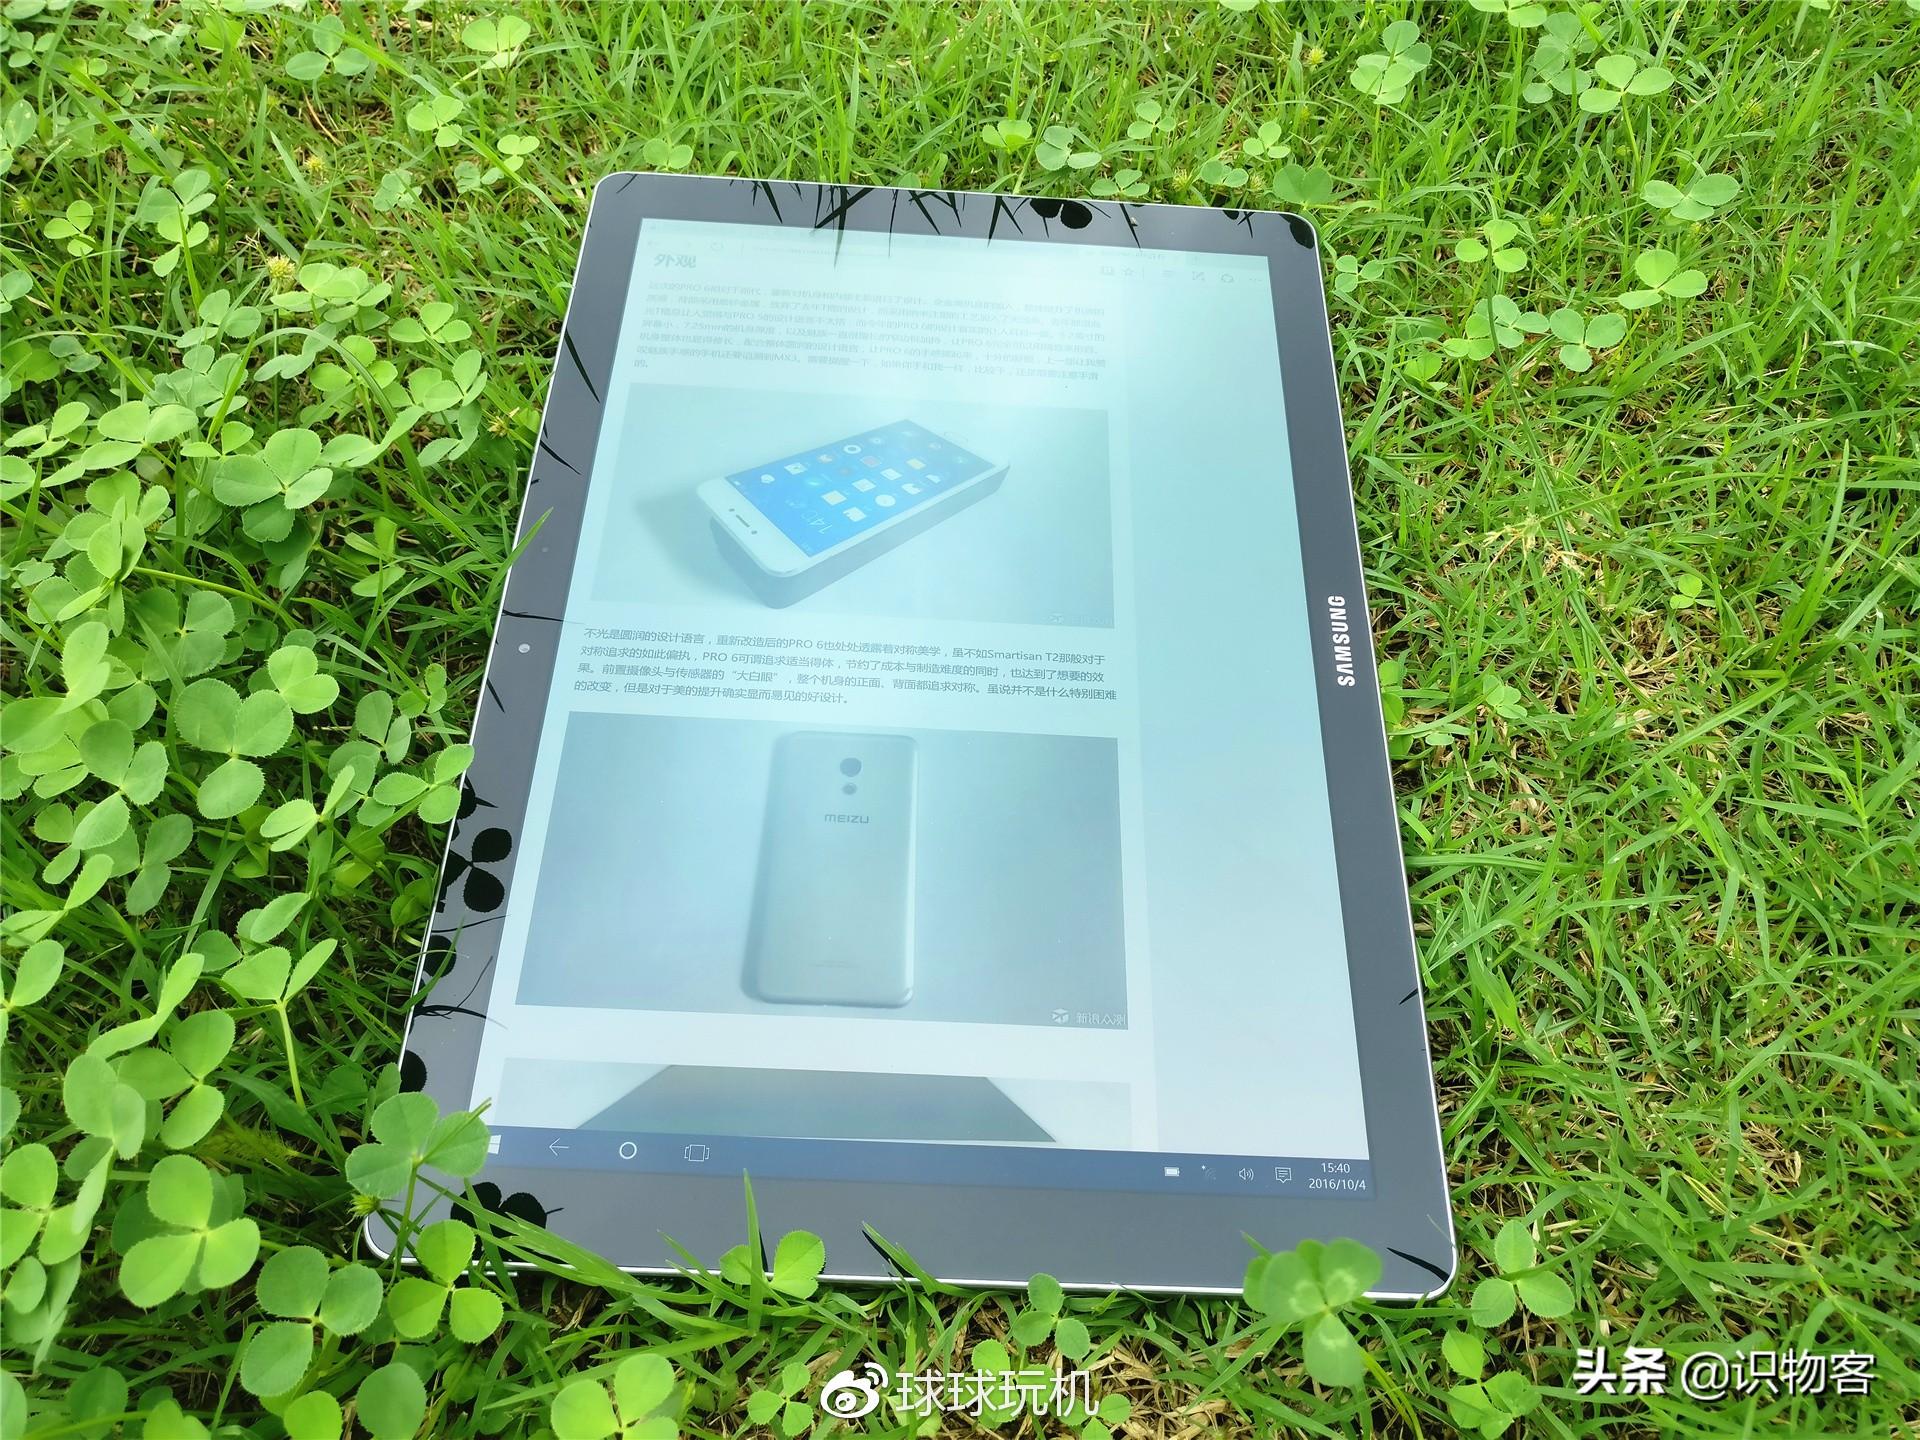 评测回顾:三星Galaxy Tabpro S 轻薄便携,商务之选